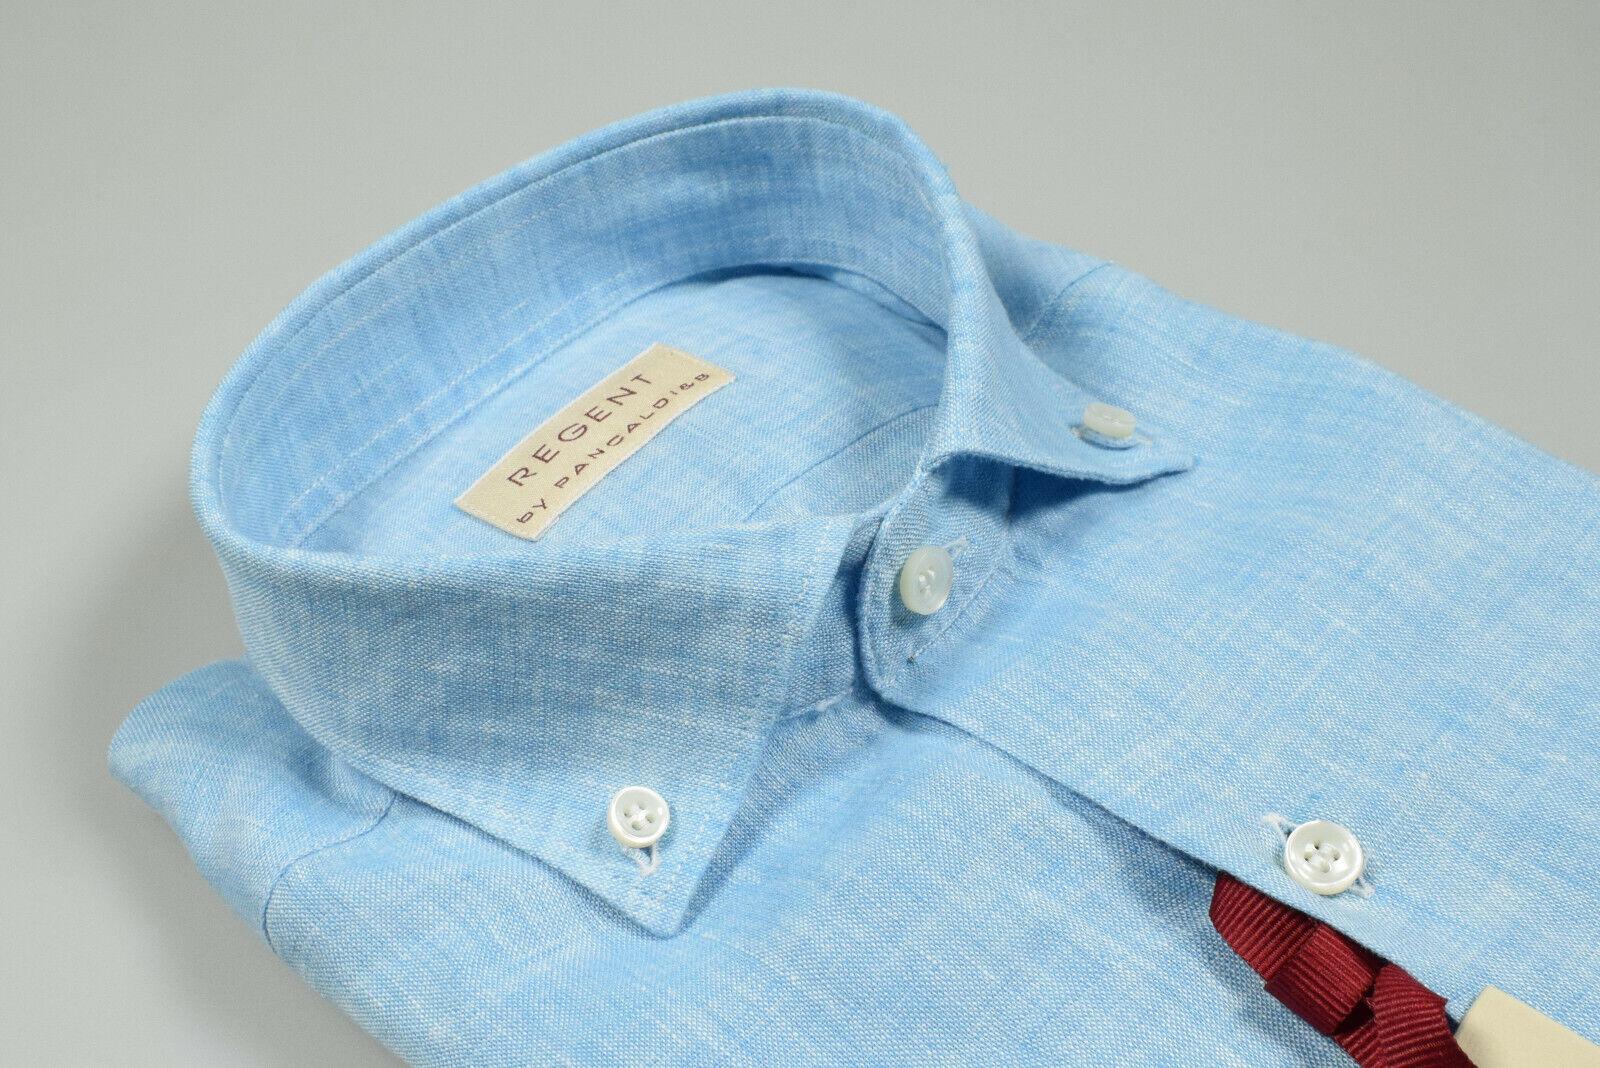 differently b04e3 66ca7 garantito Camicia Camicia Camicia Azzurra Collo Button Down ...